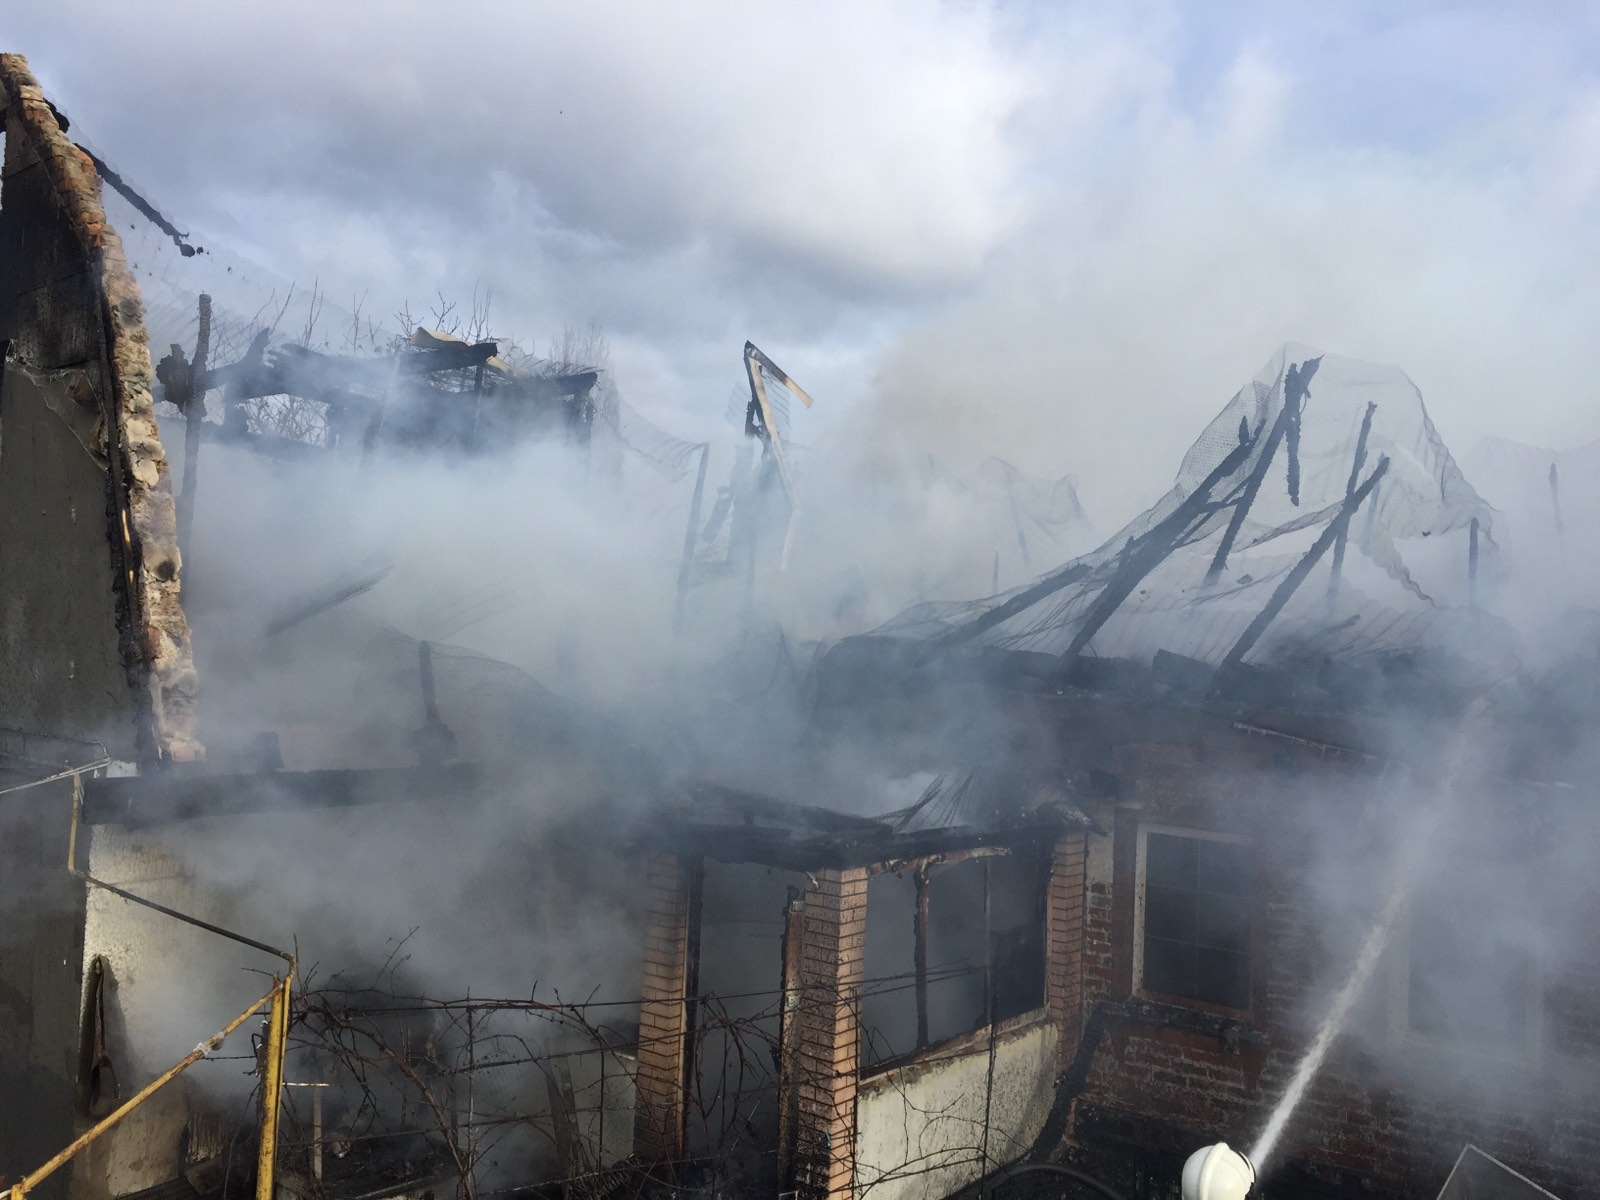 82657314_1238449063211462_8805464739632119808_o На Білоцерківщині загорівся будинок: родина з дітьми залишилась без даху над головою (ФОТО)